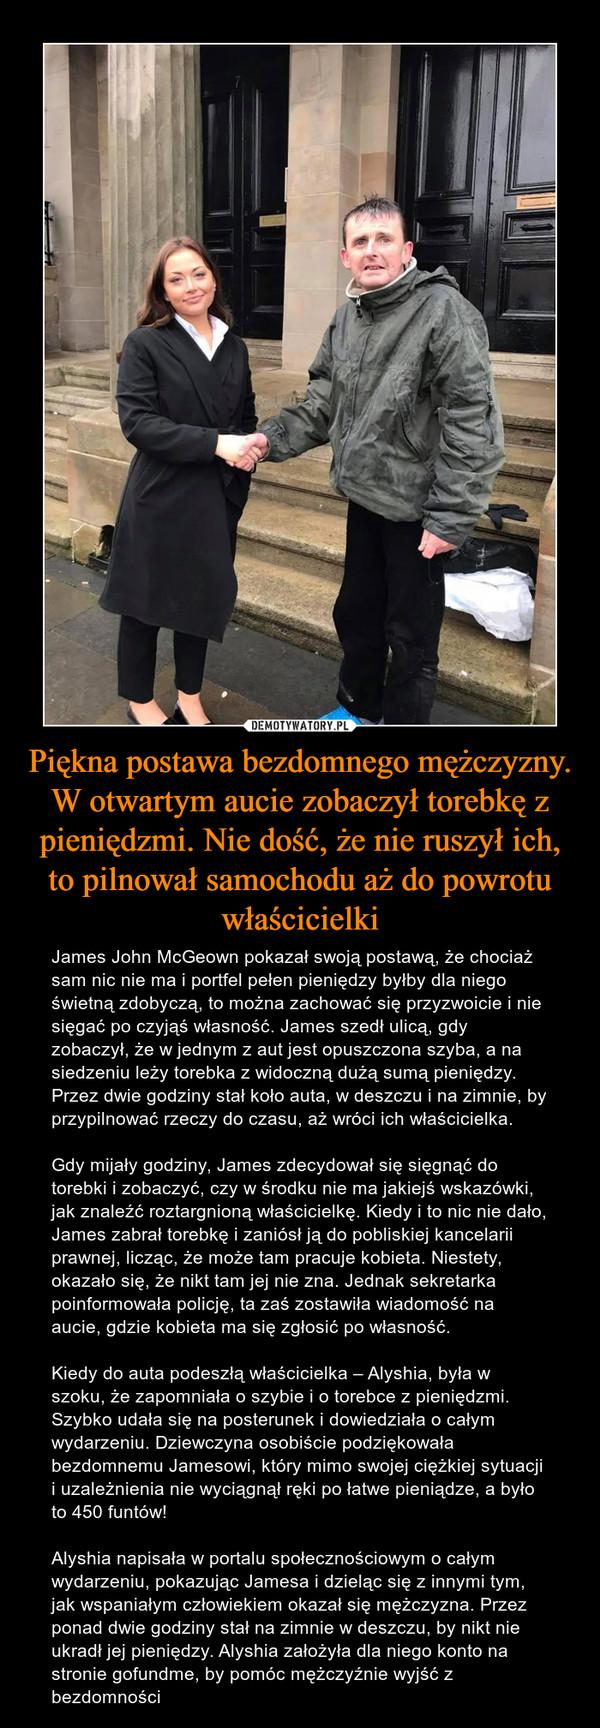 Piękna postawa bezdomnego mężczyzny. W otwartym aucie zobaczył torebkę z pieniędzmi. Nie dość, że nie ruszył ich, to pilnował samochodu aż do powrotu właścicielki – James John McGeown pokazał swoją postawą, że chociaż sam nic nie ma i portfel pełen pieniędzy byłby dla niego świetną zdobyczą, to można zachować się przyzwoicie i nie sięgać po czyjąś własność. James szedł ulicą, gdy zobaczył, że w jednym z aut jest opuszczona szyba, a na siedzeniu leży torebka z widoczną dużą sumą pieniędzy. Przez dwie godziny stał koło auta, w deszczu i na zimnie, by przypilnować rzeczy do czasu, aż wróci ich właścicielka.Gdy mijały godziny, James zdecydował się sięgnąć do torebki i zobaczyć, czy w środku nie ma jakiejś wskazówki, jak znaleźć roztargnioną właścicielkę. Kiedy i to nic nie dało, James zabrał torebkę i zaniósł ją do pobliskiej kancelarii prawnej, licząc, że może tam pracuje kobieta. Niestety, okazało się, że nikt tam jej nie zna. Jednak sekretarka poinformowała policję, ta zaś zostawiła wiadomość na aucie, gdzie kobieta ma się zgłosić po własność.Kiedy do auta podeszłą właścicielka – Alyshia, była w szoku, że zapomniała o szybie i o torebce z pieniędzmi. Szybko udała się na posterunek i dowiedziała o całym wydarzeniu. Dziewczyna osobiście podziękowała bezdomnemu Jamesowi, który mimo swojej ciężkiej sytuacji i uzależnienia nie wyciągnął ręki po łatwe pieniądze, a było to 450 funtów!Alyshia napisała w portalu społecznościowym o całym wydarzeniu, pokazując Jamesa i dzieląc się z innymi tym, jak wspaniałym człowiekiem okazał się mężczyzna. Przez ponad dwie godziny stał na zimnie w deszczu, by nikt nie ukradł jej pieniędzy. Alyshia założyła dla niego konto na stronie gofundme, by pomóc mężczyźnie wyjść z bezdomności